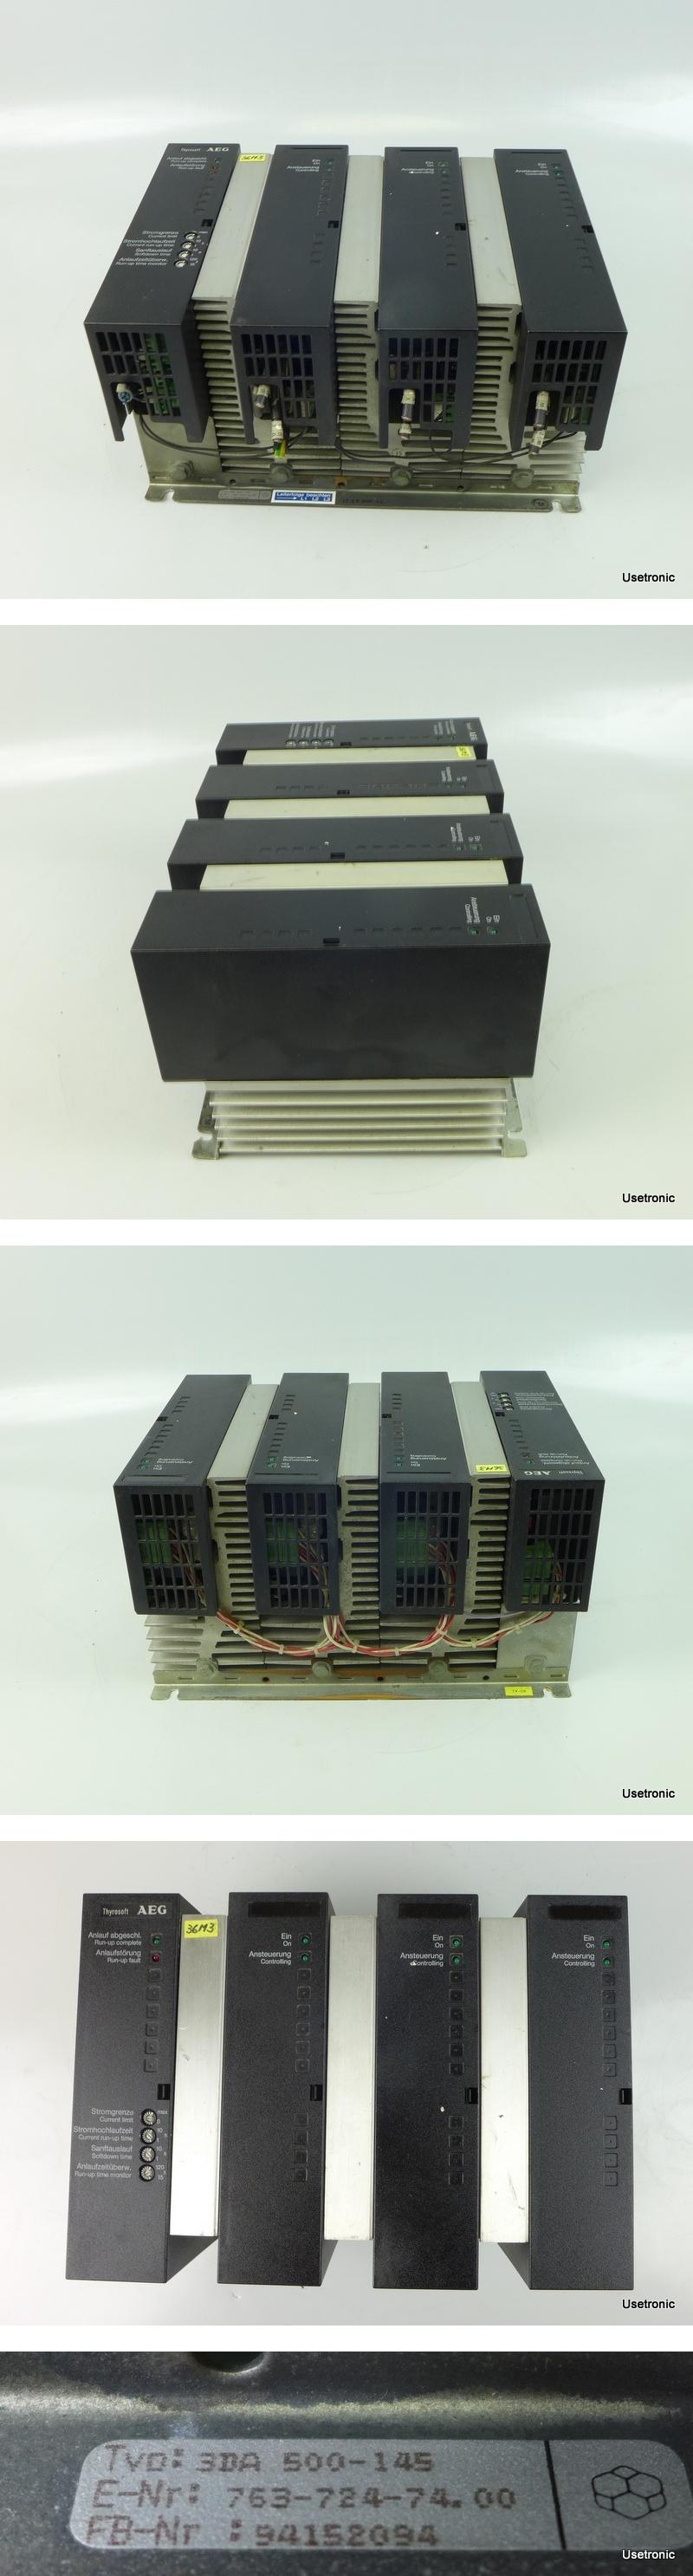 AEG 3DA500-145